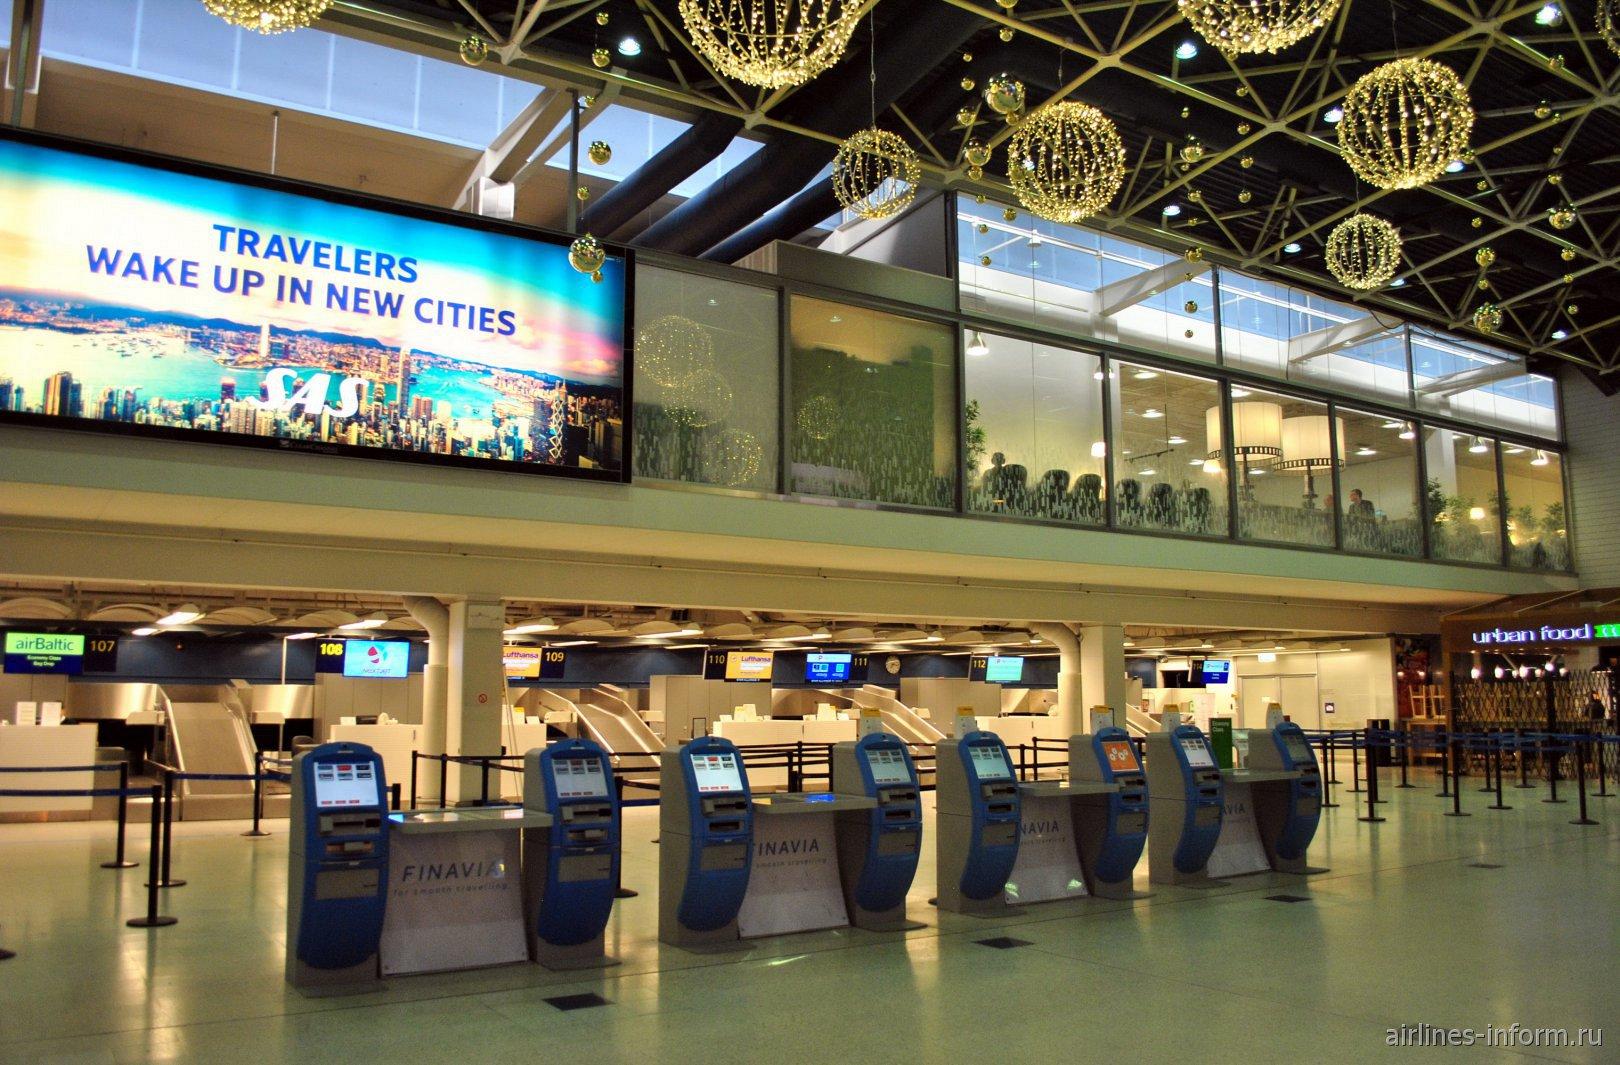 Зона регистрации в терминале Т1 аэропорта Хельсинки Вантаа